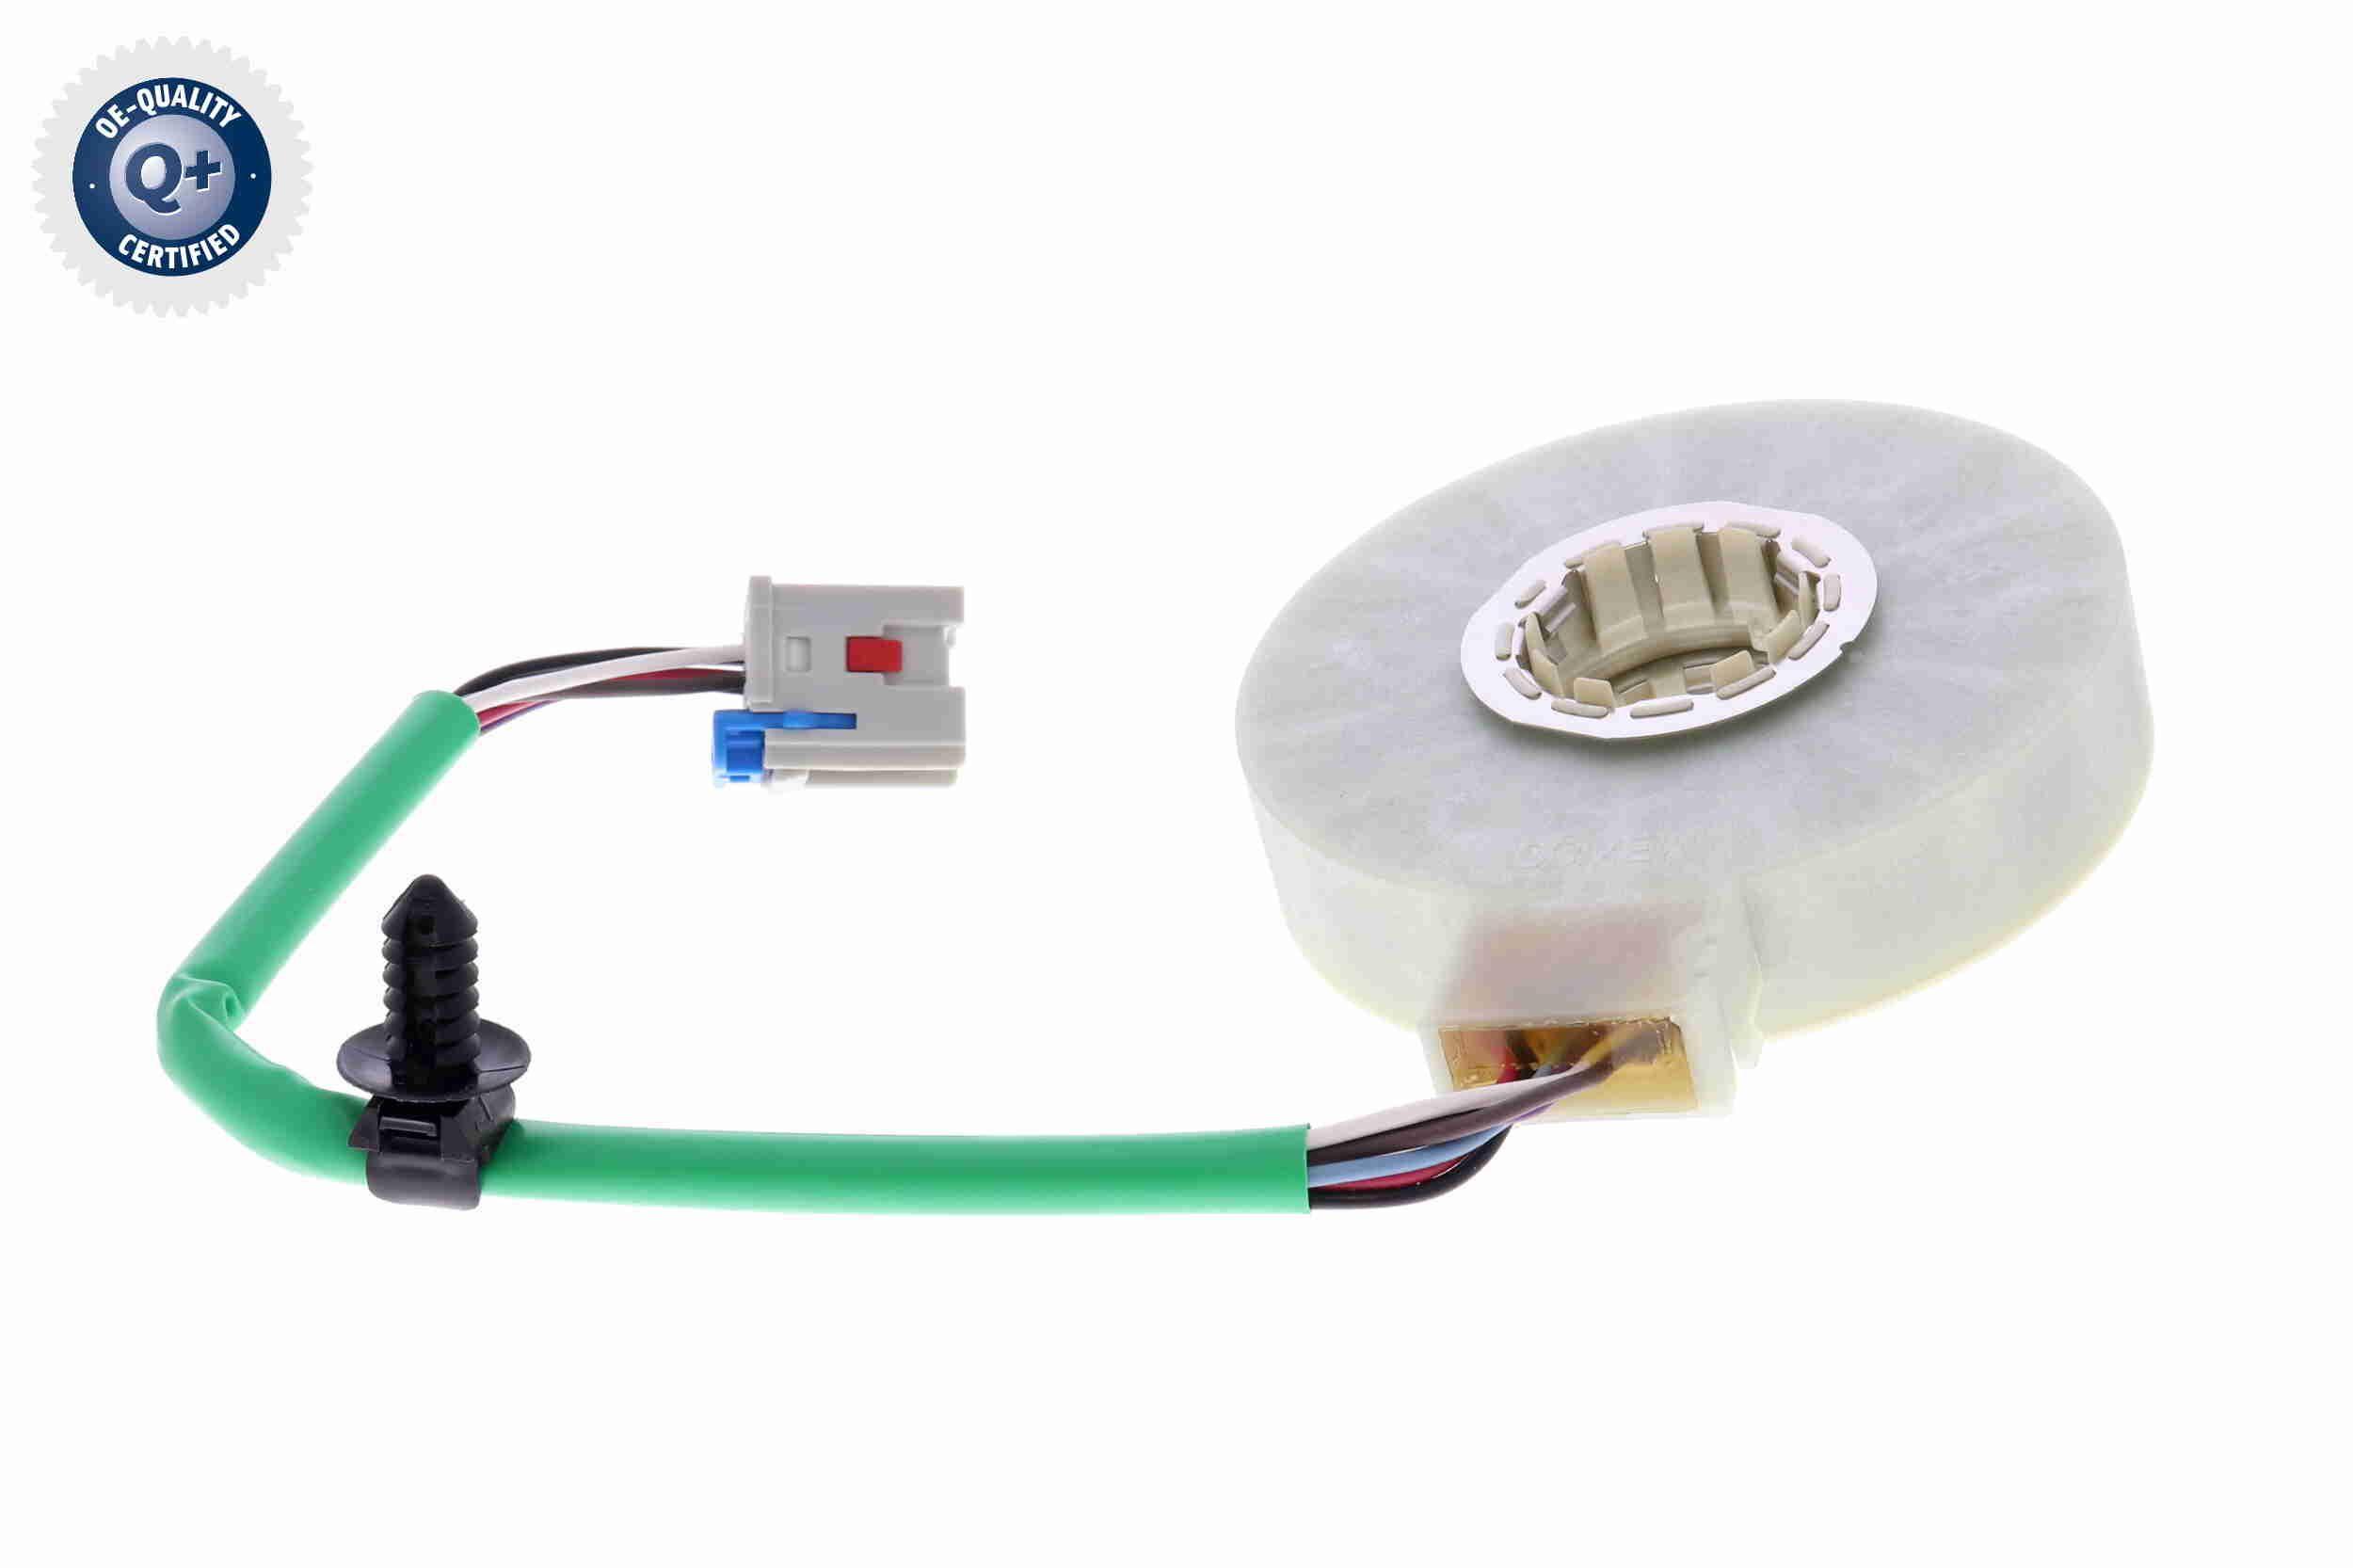 Lenkwinkelsensor V24-72-0124 VEMO V24-72-0124 in Original Qualität